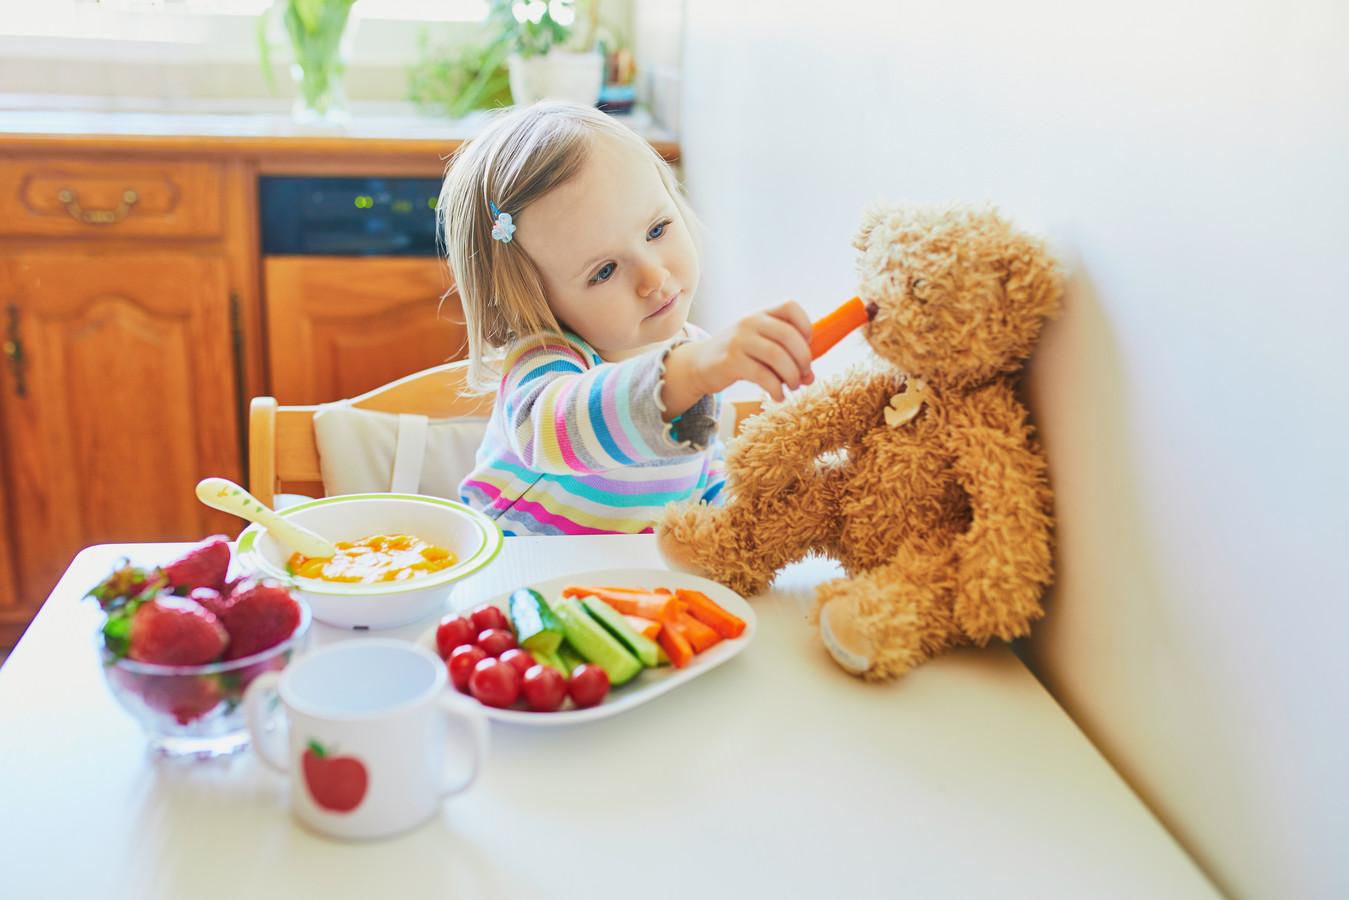 Eet samen en snij tomaatjes doormidden.